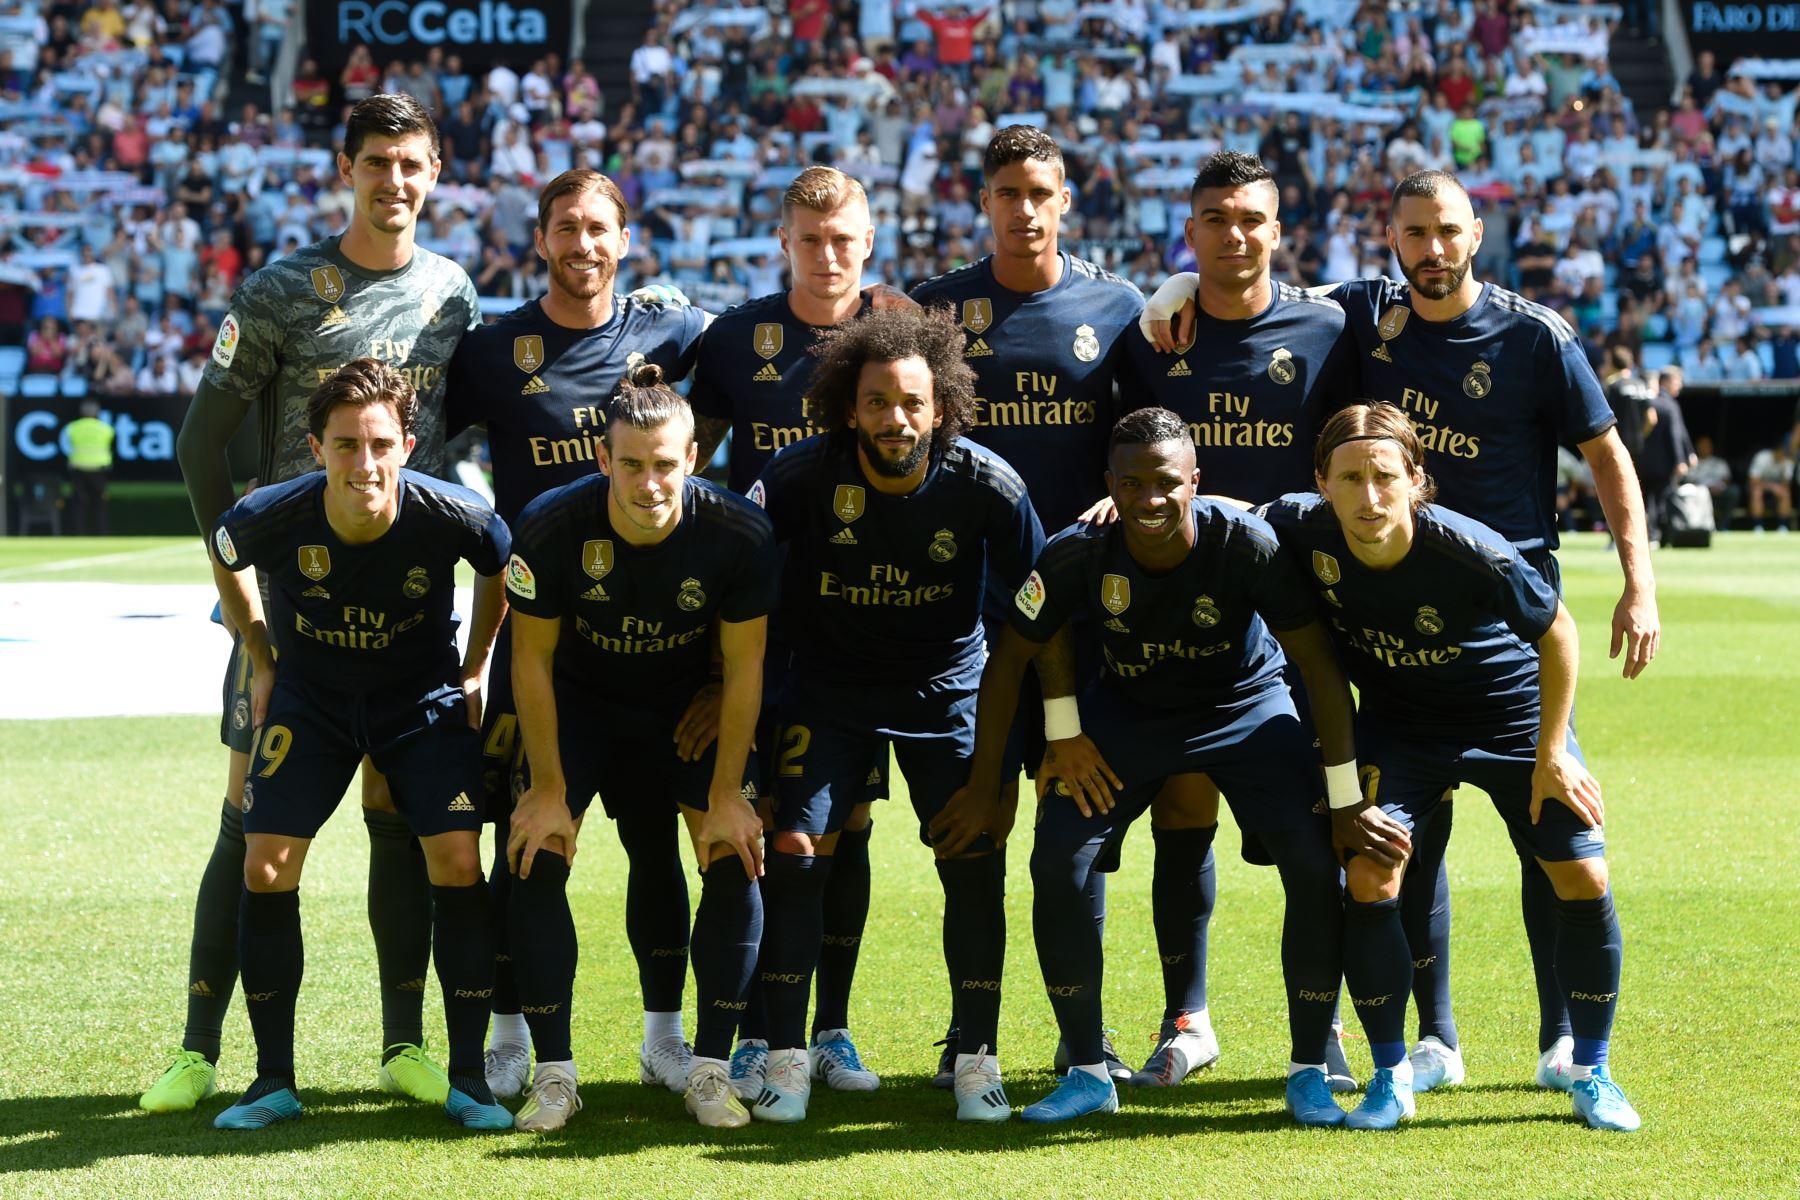 Equipo titular del Real Madrid que enfrenta al Celta por la Liga Santander. Foto: AFP